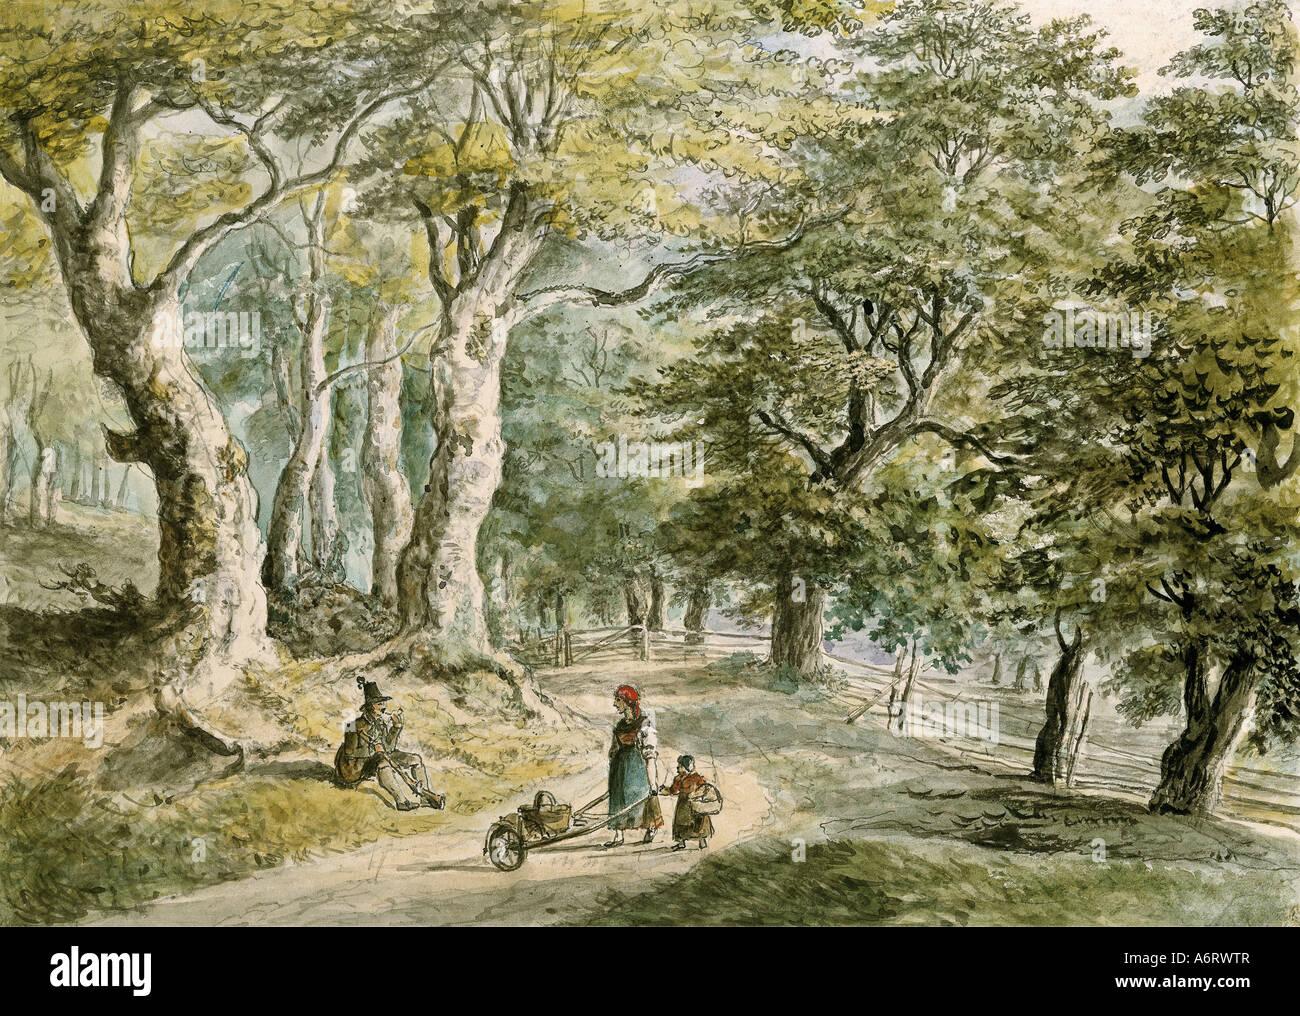 Belle arti, Dorner, Johann Jakob, il giovane (1775 - 1852), forrest vicino Dietramszell, acquerello, 21,6x30 cm, Immagini Stock